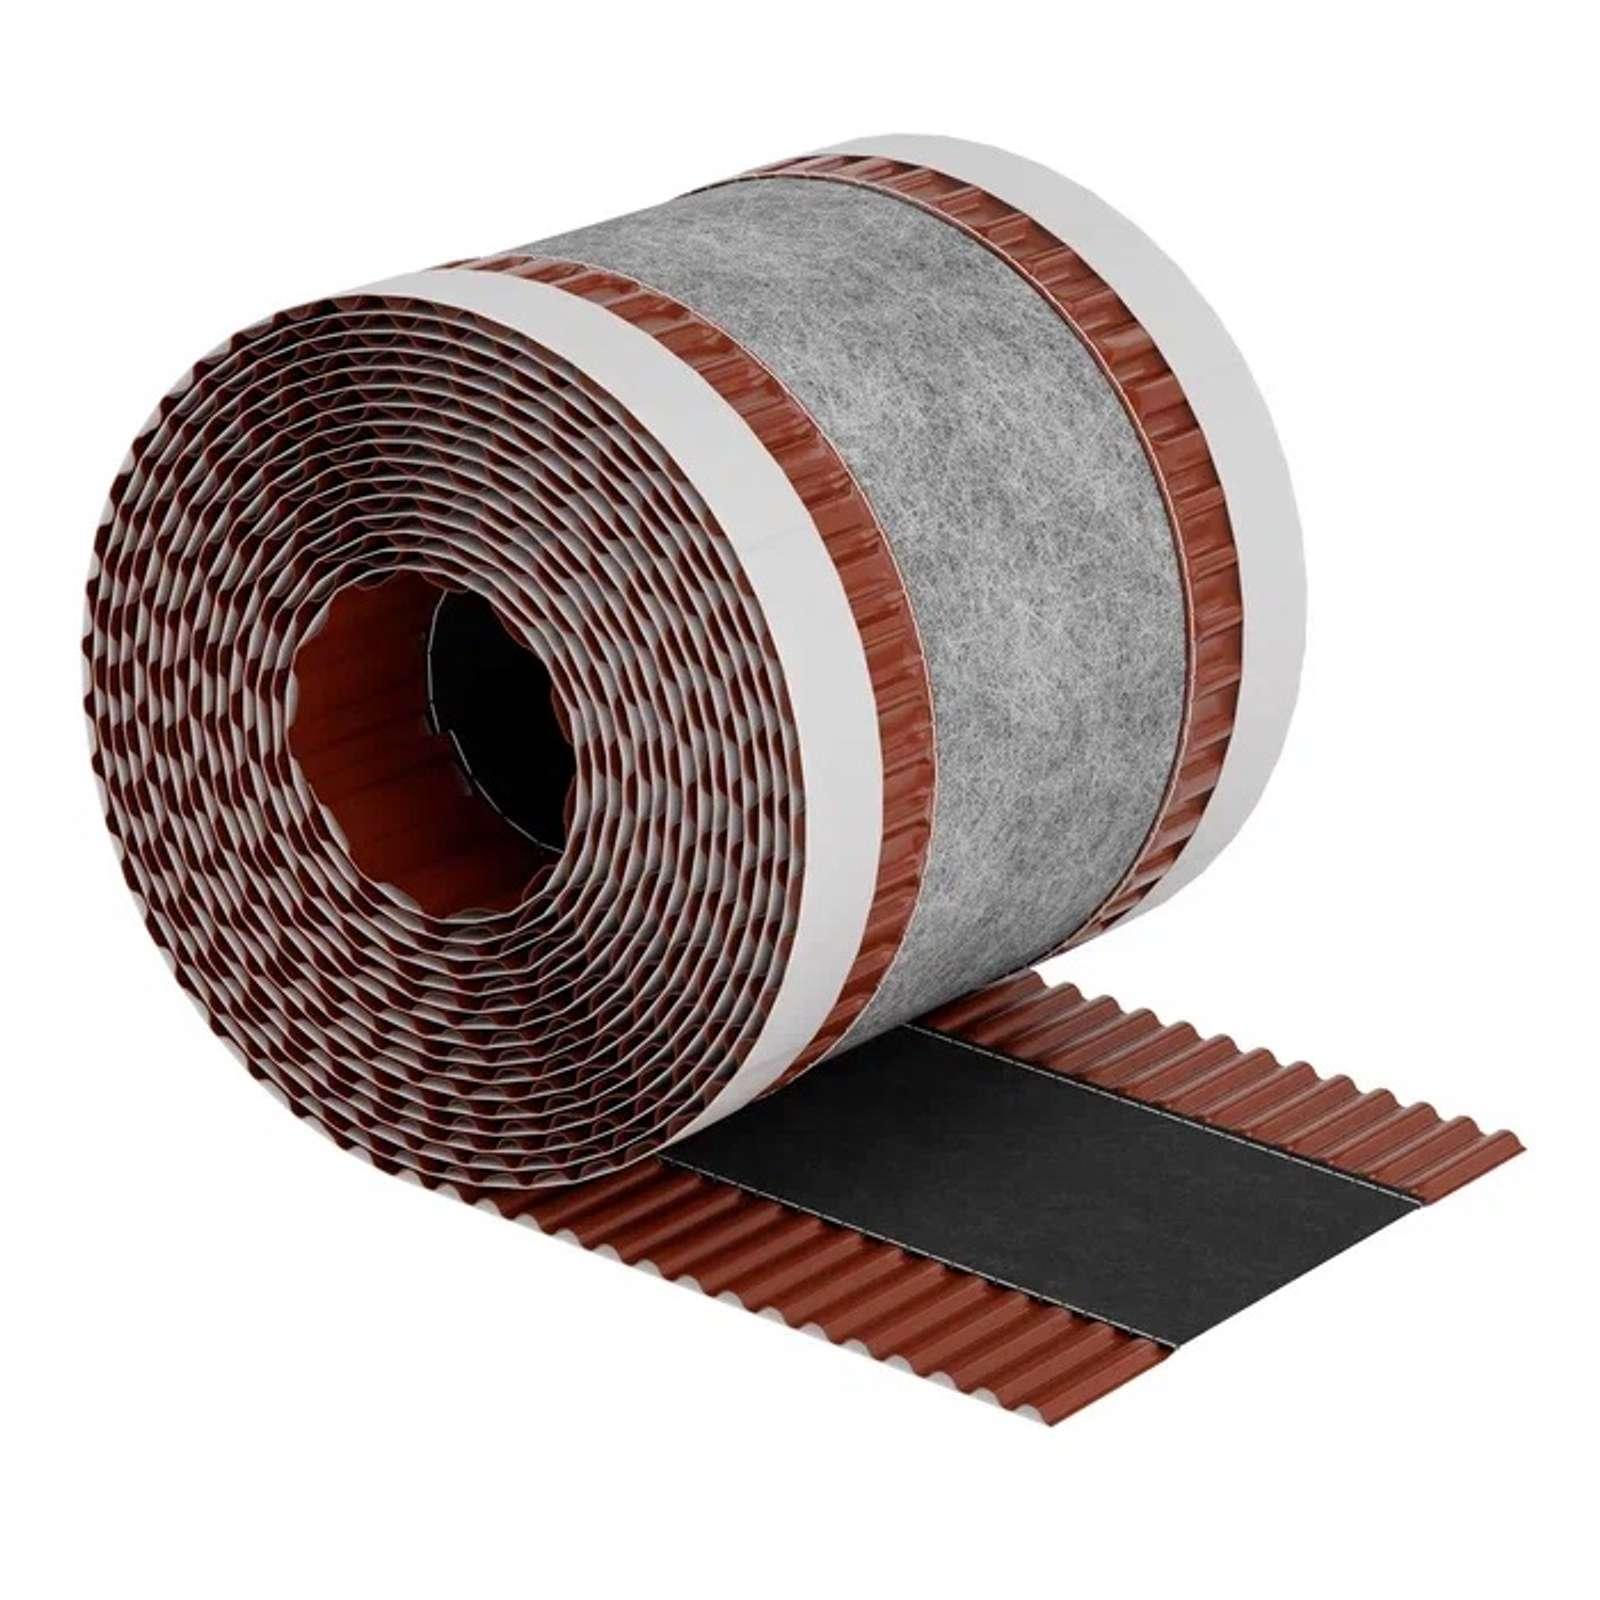 Дышащая изоляционная прокладка Ондуслим 5000х150мм